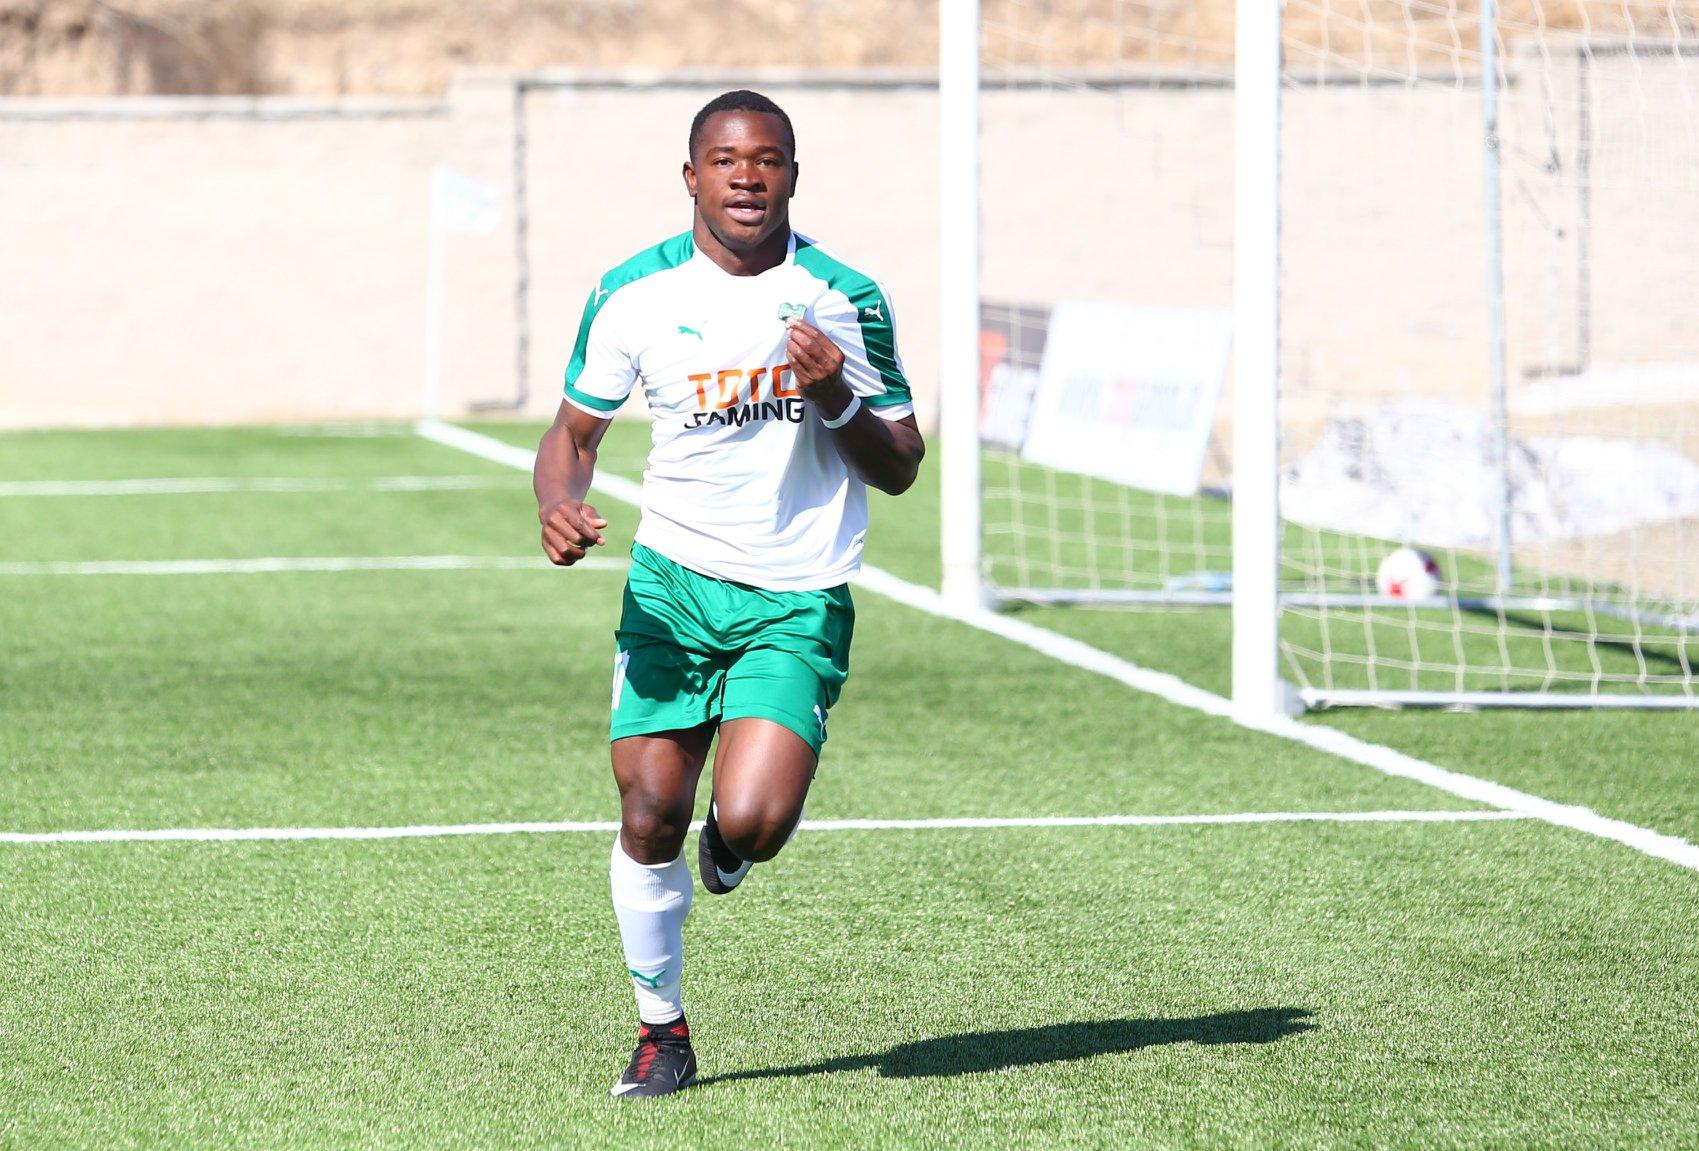 L'attaquant a inscrit 6 buts en 3 matchs contre le FC Artsakh. Photo: FC Lori